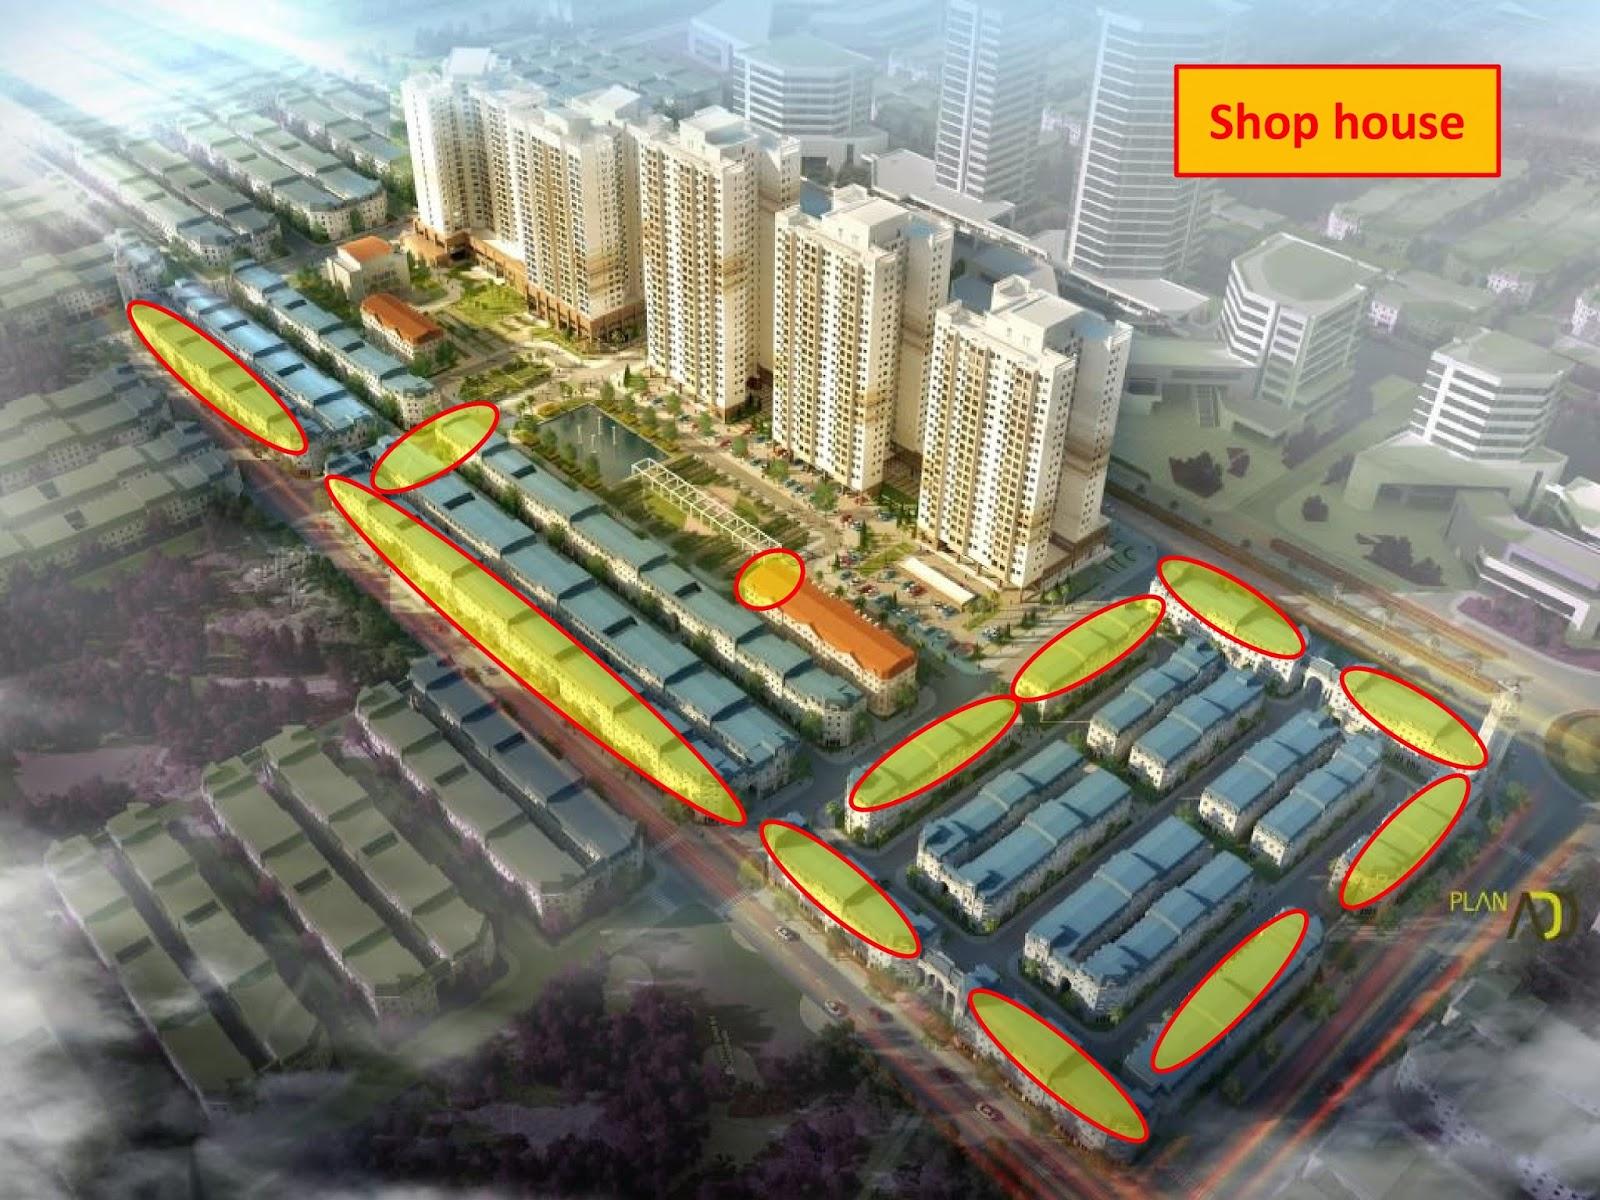 Khu Shophouse dự án liền kề Cleve Văn Phú